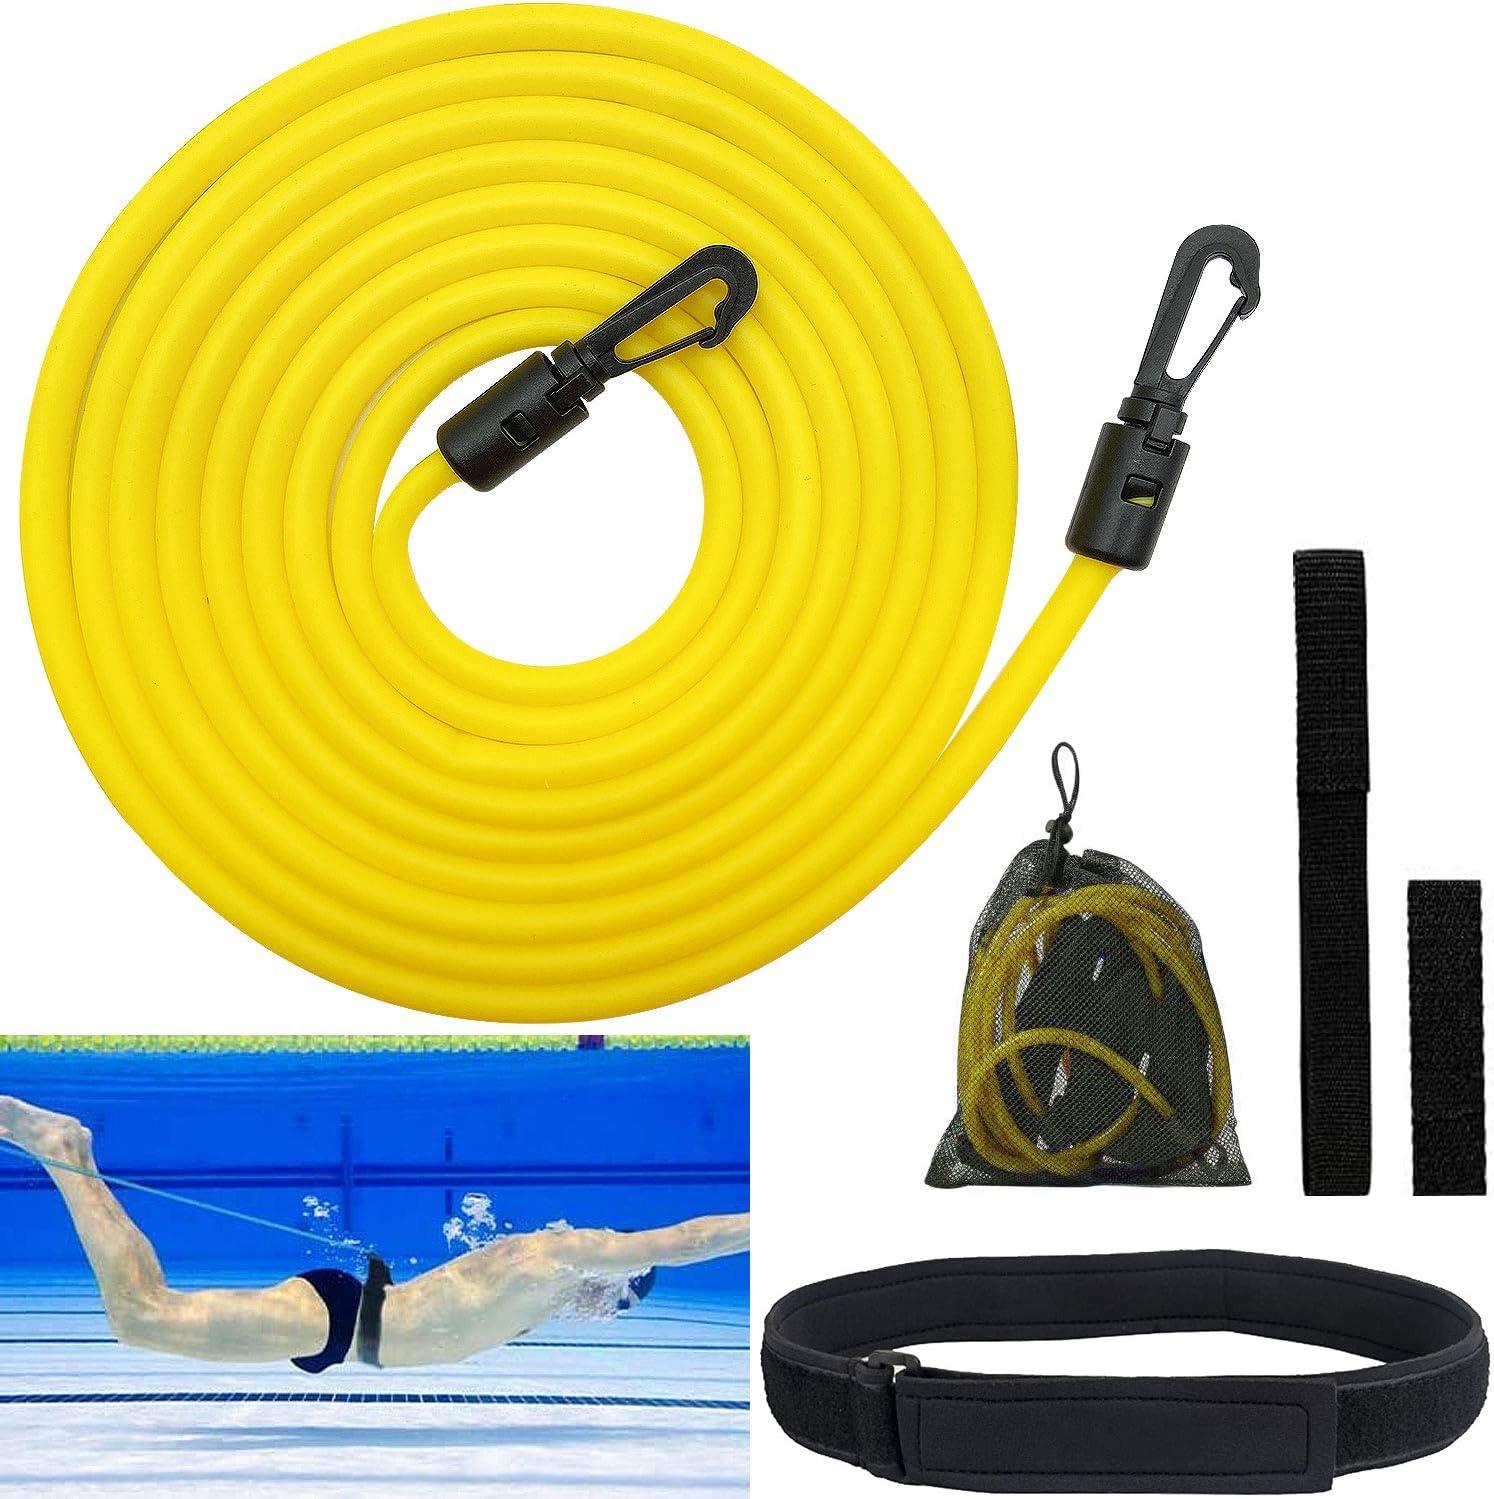 Cinturon Entrenamiento Natacion, Cinturón de Natación Ajustable, 4m Cuerda EláStica para Entrenamiento De Resistencia Estacionaria, para Piscinas de Natación